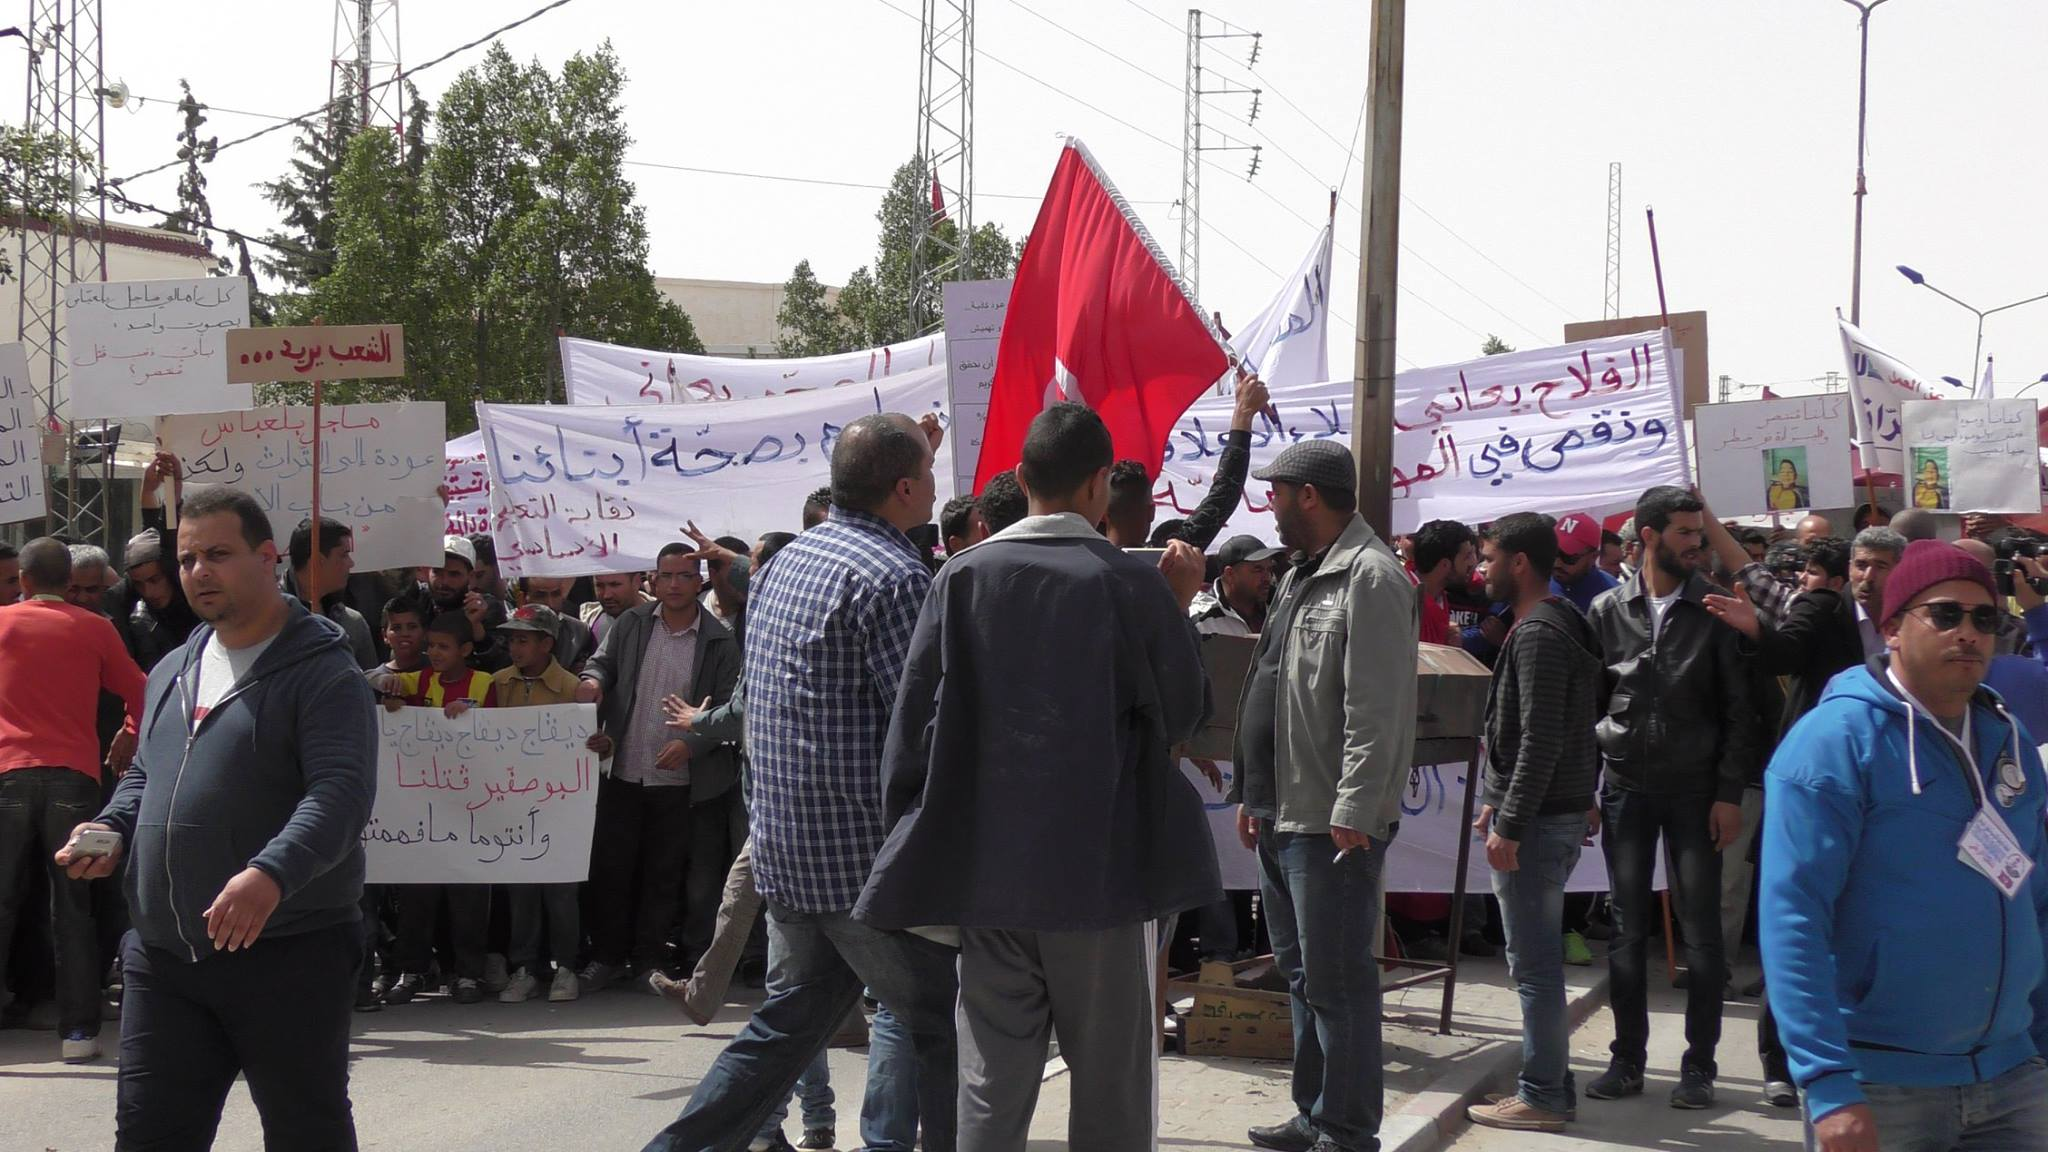 (العربية) بيان: منعرج جديد في التعاطي مع الحركات الاجتماعية